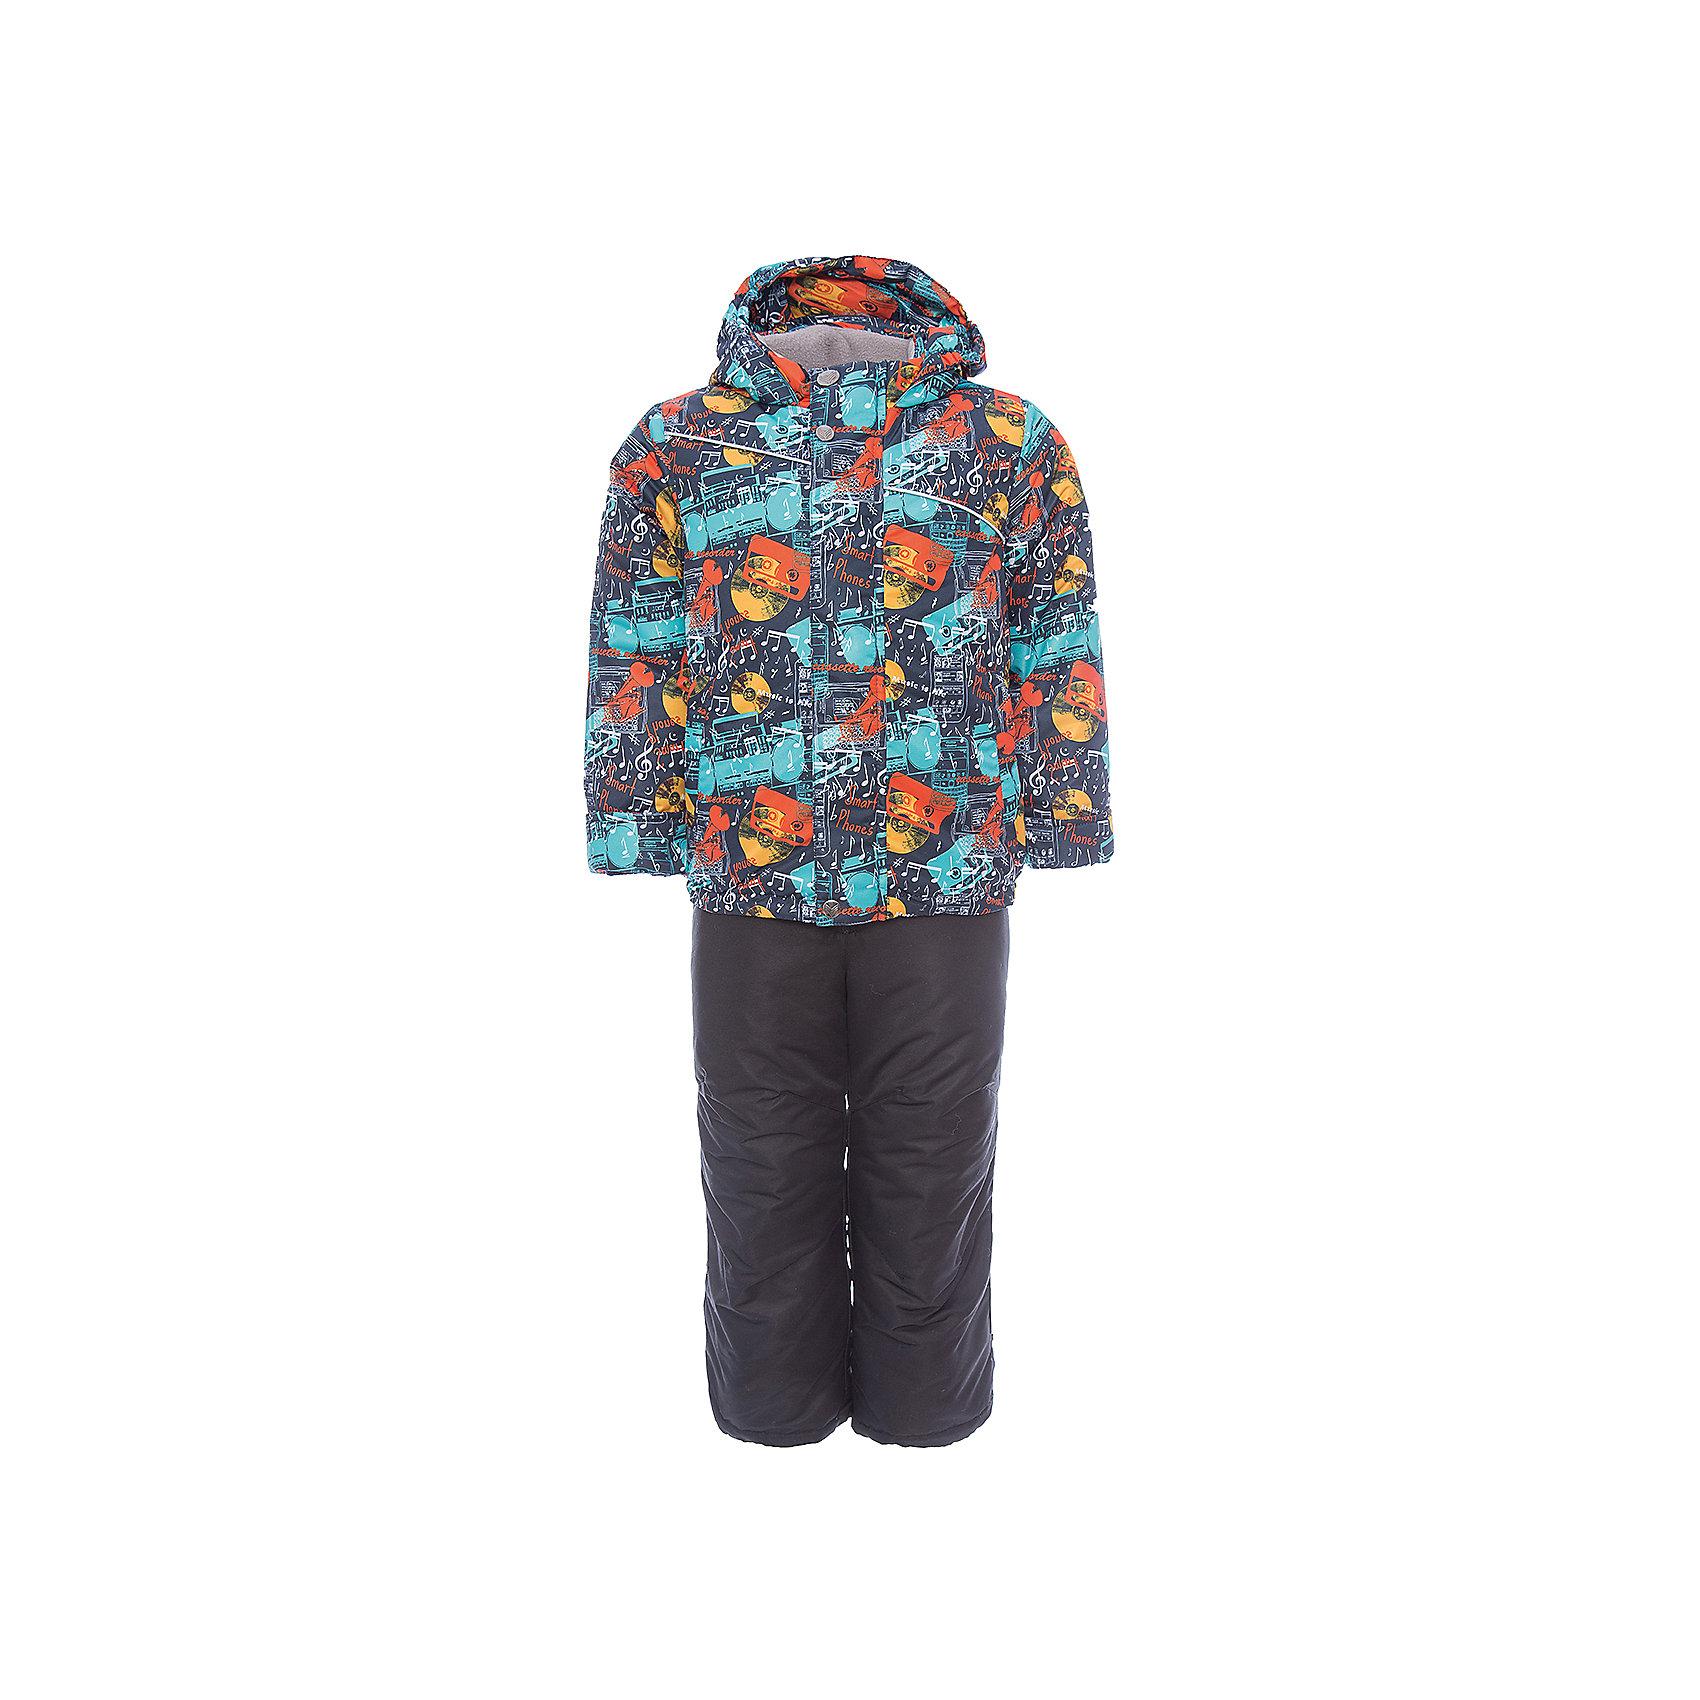 Комплект: куртка и полукомбинезон Джаз OLDOS для мальчикаВерхняя одежда<br>Характеристики товара:<br><br>• цвет: синий<br>• комплектация: куртка и полукомбинезон<br>• состав ткани: полиэстер<br>• подкладка: флис<br>• утеплитель: Hollofan <br>• сезон: зима<br>• мембранное покрытие<br>• температурный режим: от -30 до 0<br>• водонепроницаемость: 3000 мм <br>• паропроницаемость: 3000 г/м2<br>• плотность утеплителя: куртка - 300 г/м2, полукомбинезон - 150 г/м2<br>• застежка: молния<br>• капюшон: без меха, несъемный<br>• страна бренда: Россия<br>• страна изготовитель: Россия<br><br>Мембранный детский комплект обеспечит тепло и комфорт в холода. Стильный комплект для мальчика сделан из легких и прочных материалов. Комплект для мальчика дополнен удобными эластичными регулируемыми подтяжками, рукава - с отворотом и внутренней трикотажной саморегулирующейся манжетой. <br><br>Комплект: куртка и полукомбинезон Джаз Oldos (Олдос) для мальчика можно купить в нашем интернет-магазине.<br><br>Ширина мм: 356<br>Глубина мм: 10<br>Высота мм: 245<br>Вес г: 519<br>Цвет: синий<br>Возраст от месяцев: 18<br>Возраст до месяцев: 24<br>Пол: Мужской<br>Возраст: Детский<br>Размер: 92,134,128,122,116,110,104,98<br>SKU: 7016528